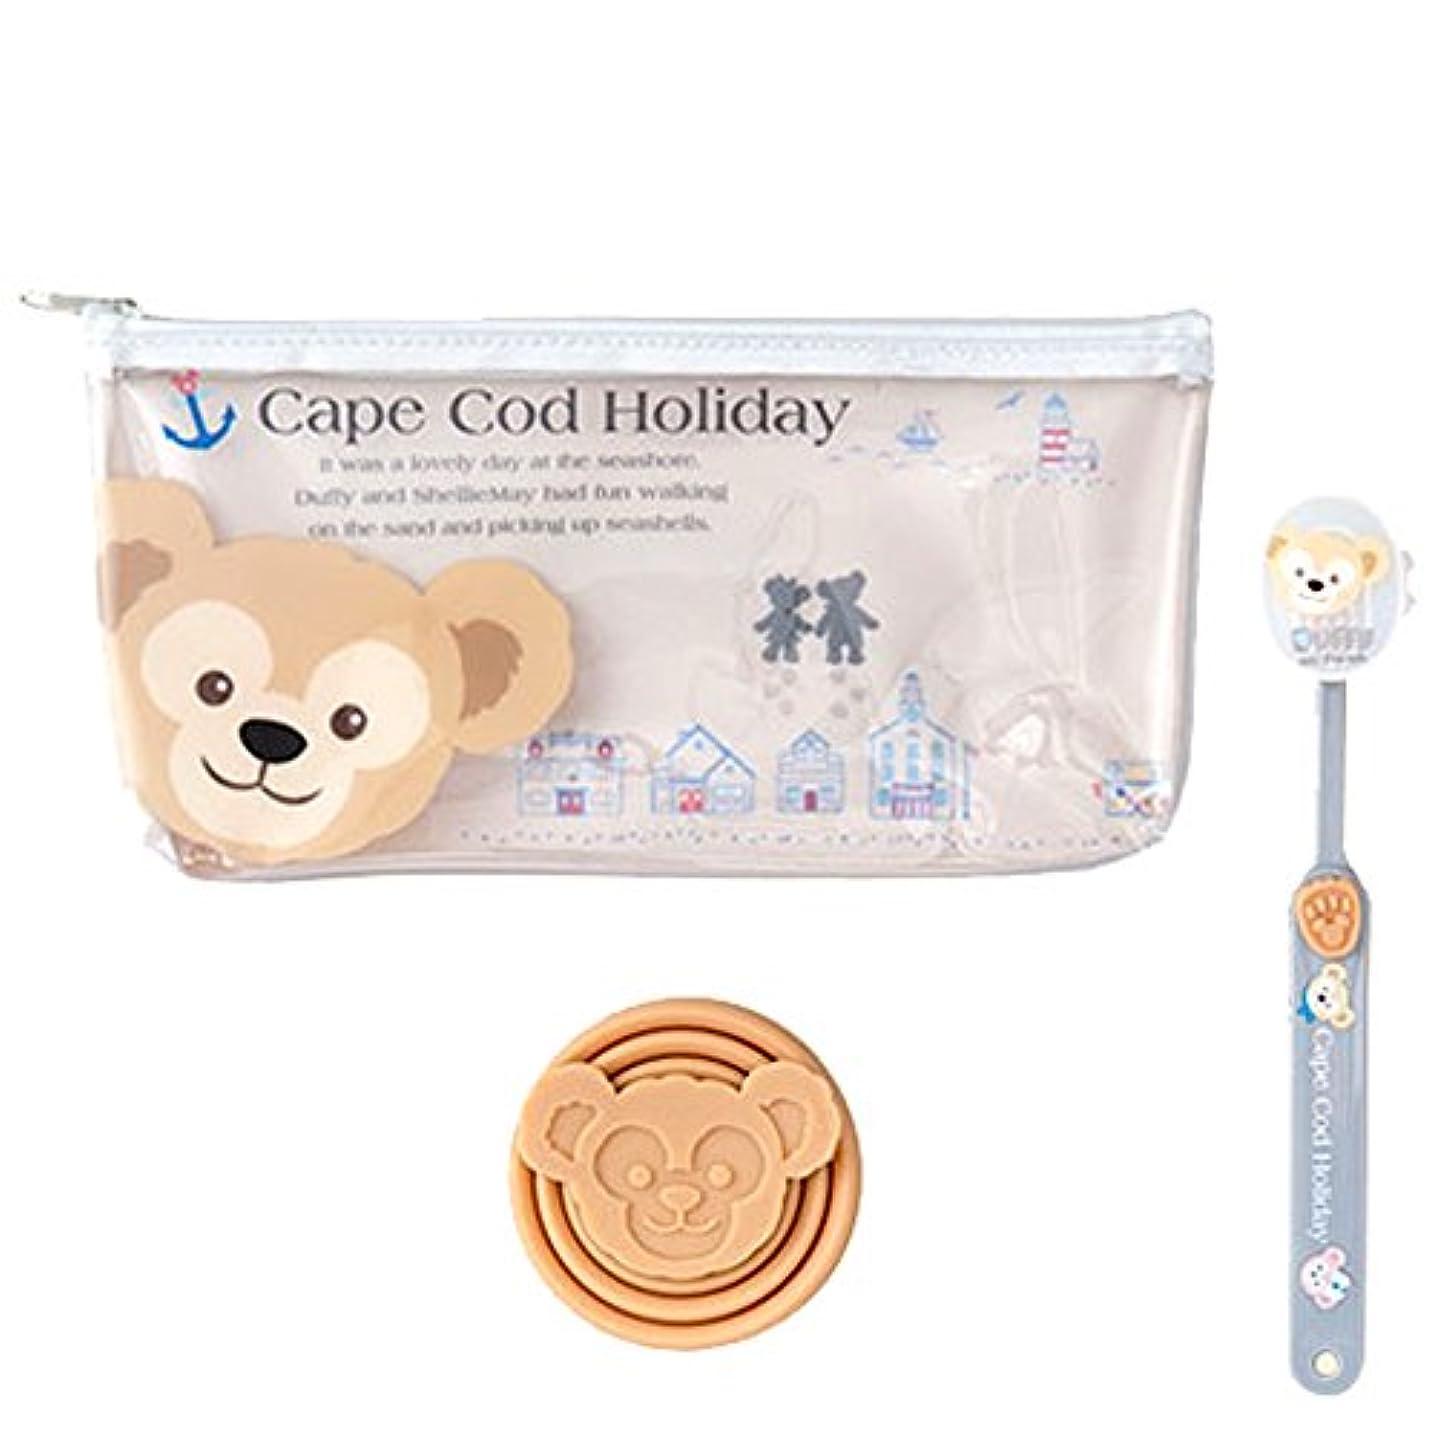 フリースすごい病なダッフィー ケープコッドの休日 ケープコッドホリデー グッズ 歯ブラシ コップ 付 (ダッフィー) トラベル 携帯 用 歯ブラシ セット ディズニー シー限定